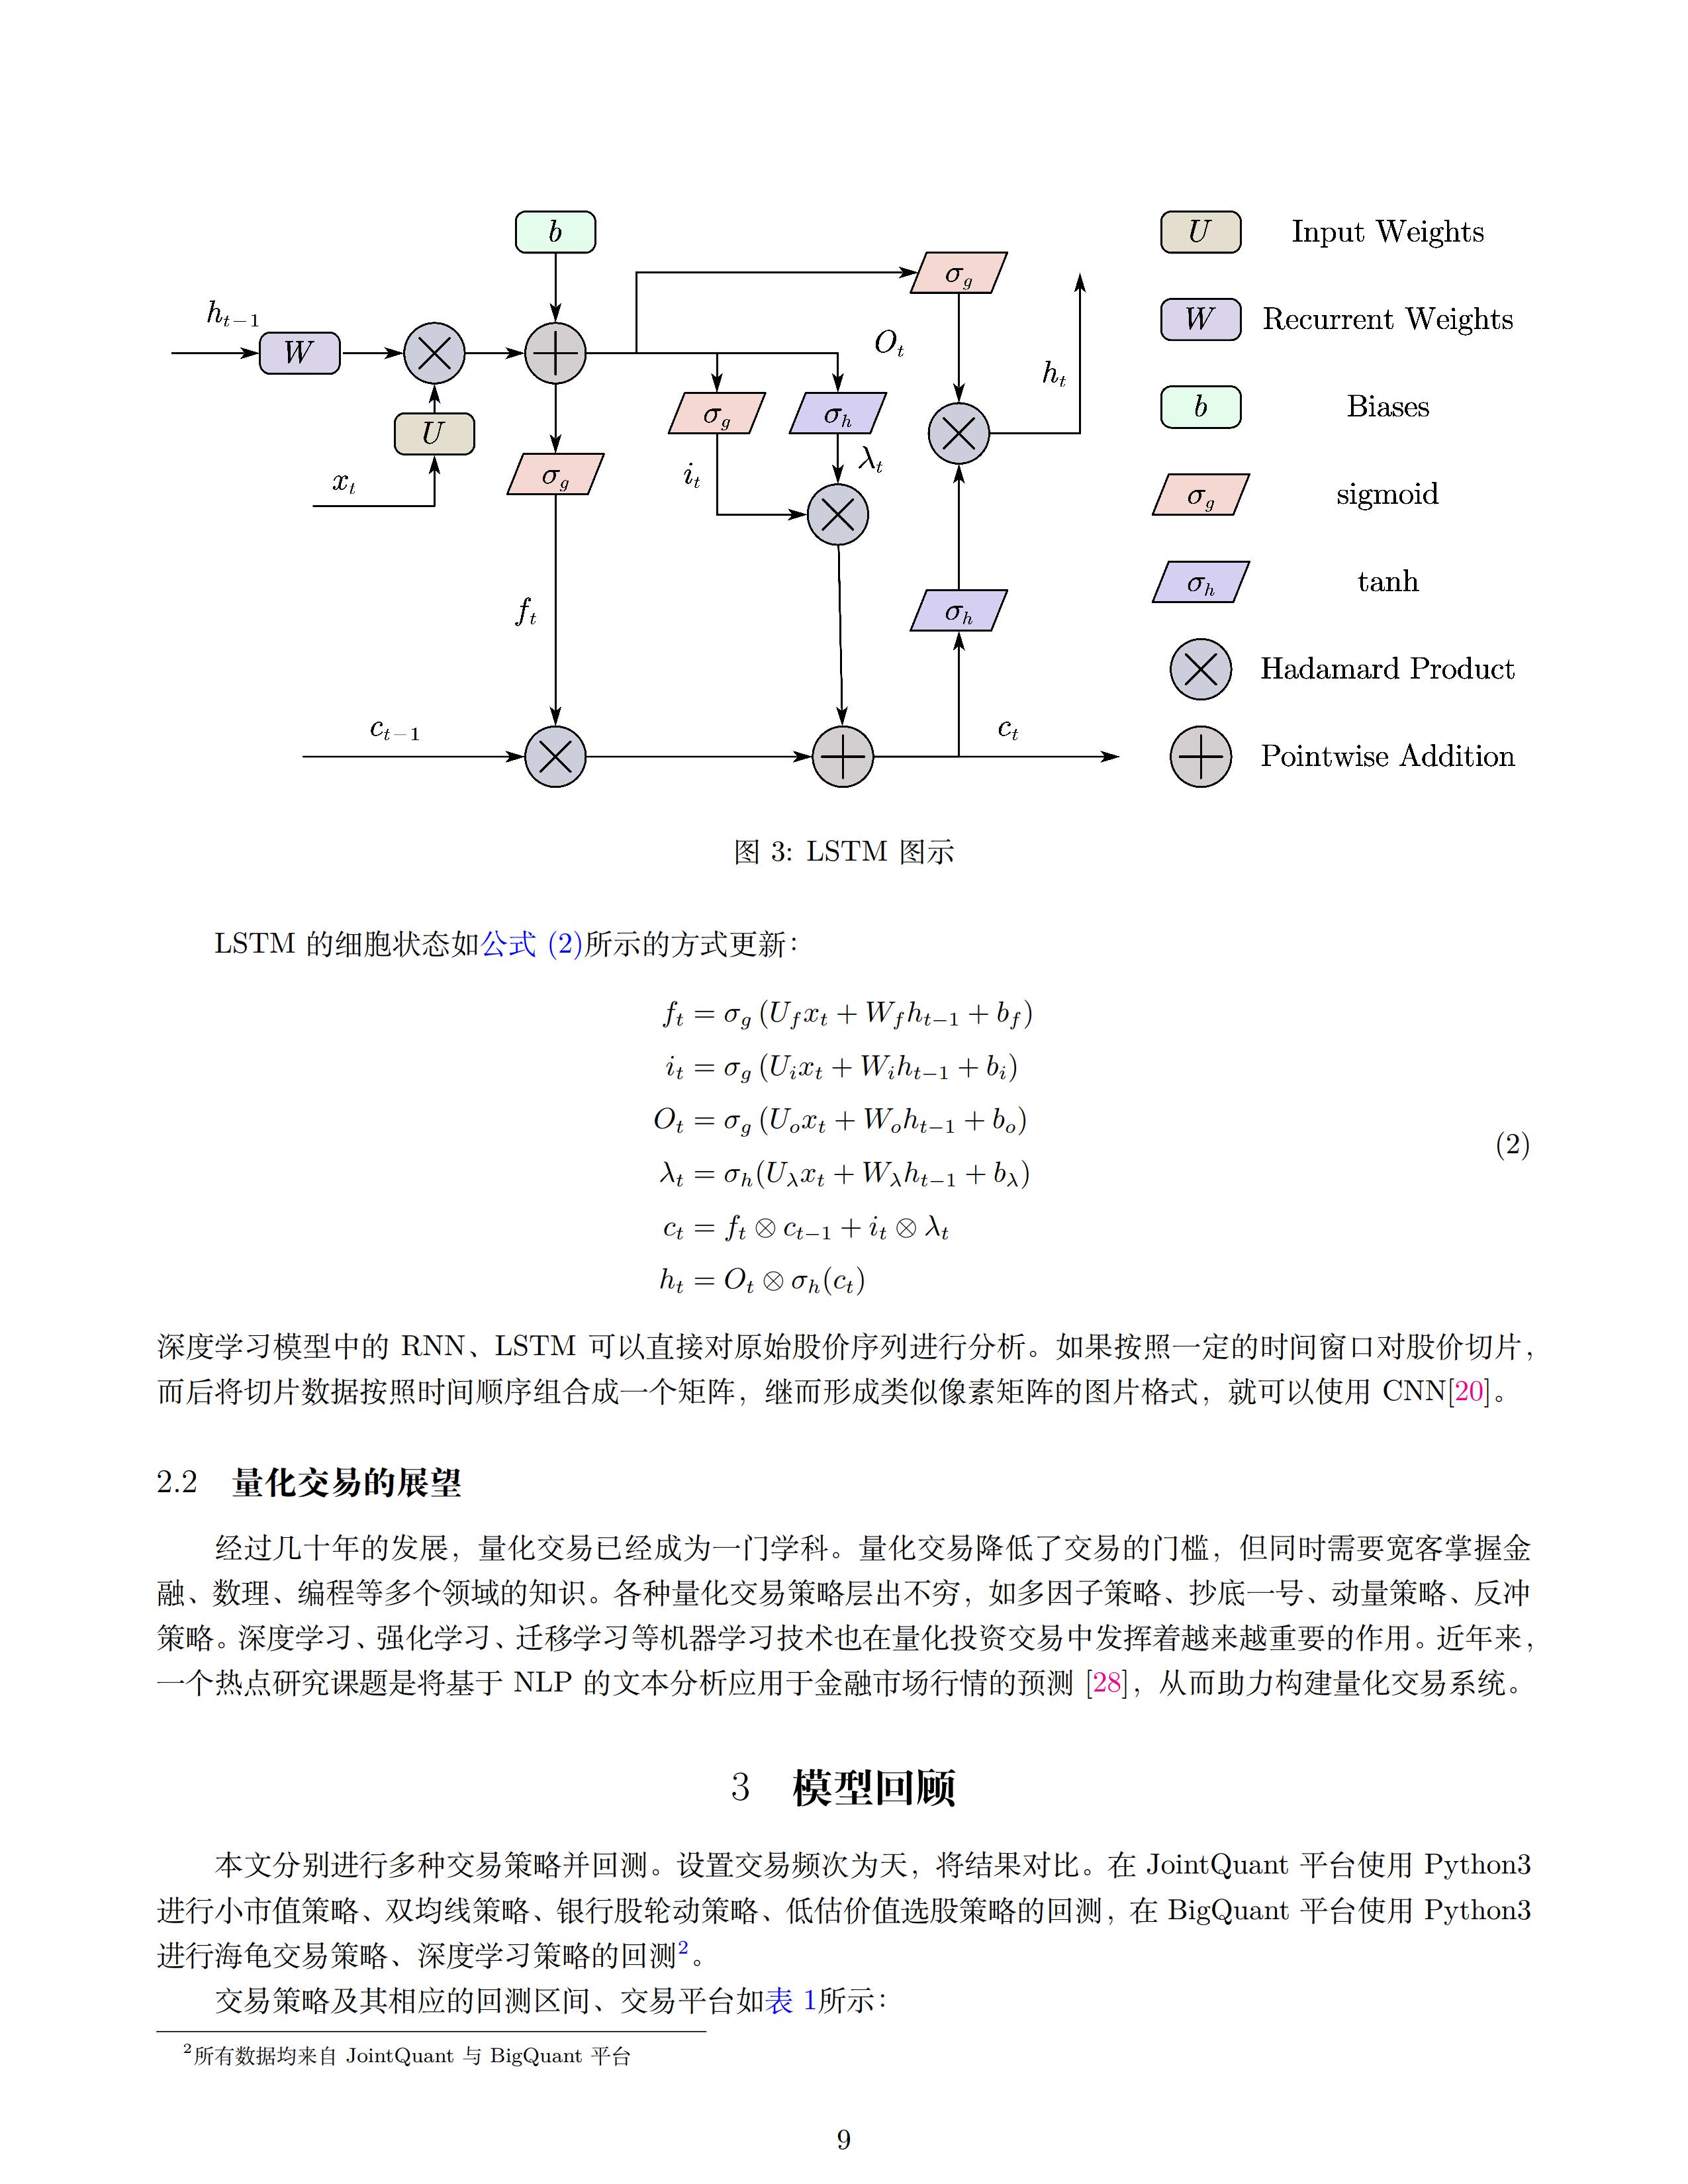 量化交易策略的实证研究与回测